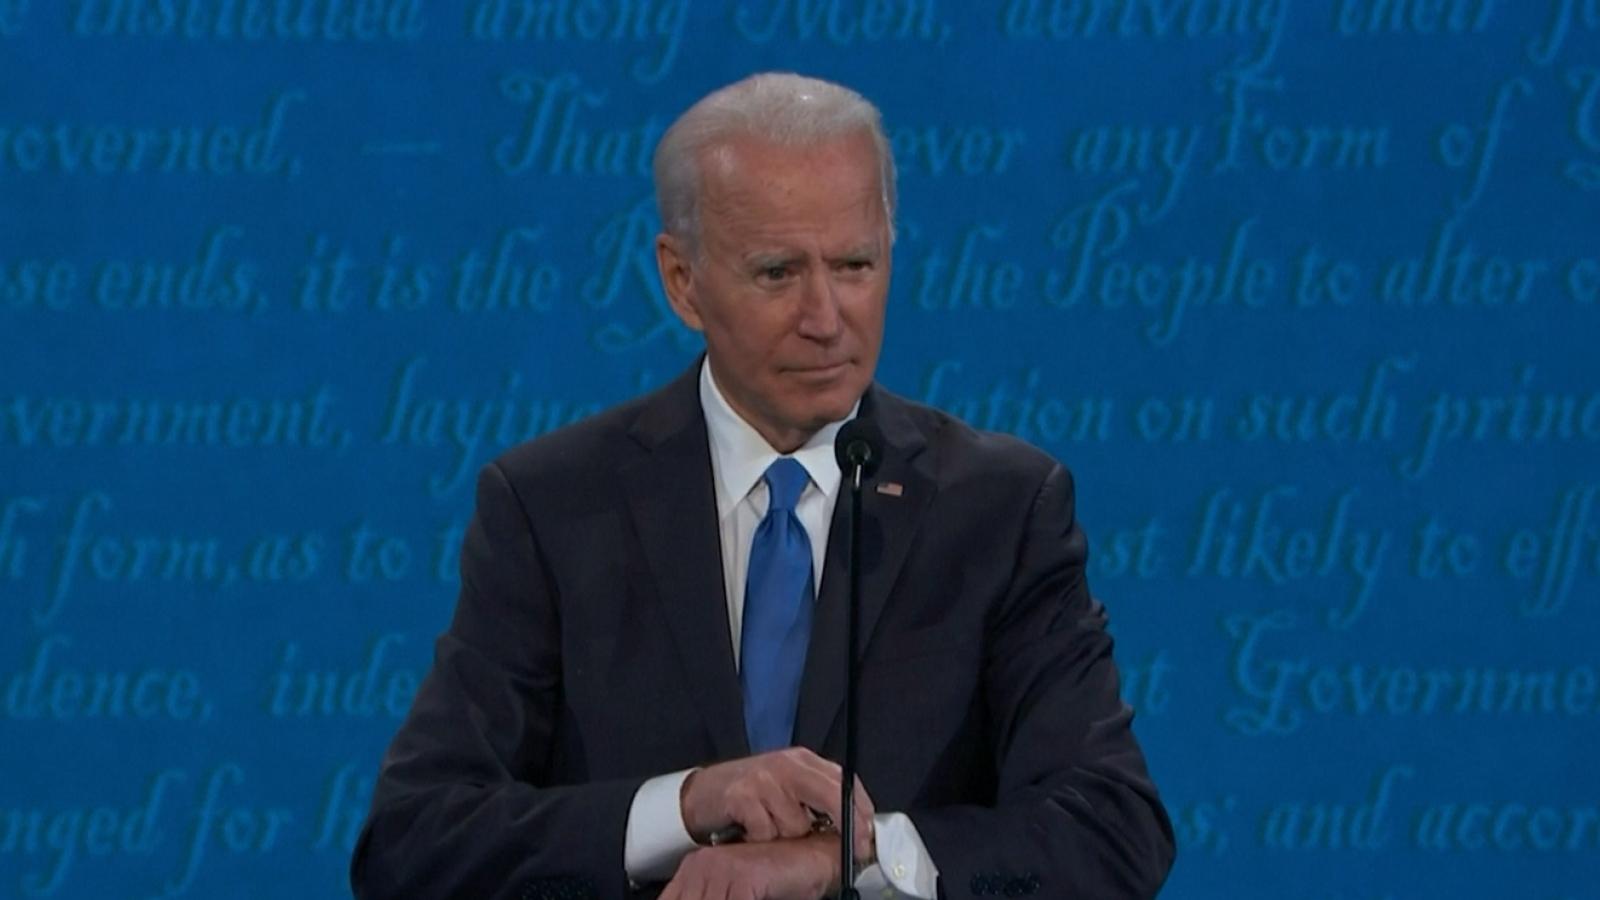 Video: Ông Biden kiểm tra đồng hồ khi tranh luận với ông Trump kết thúc